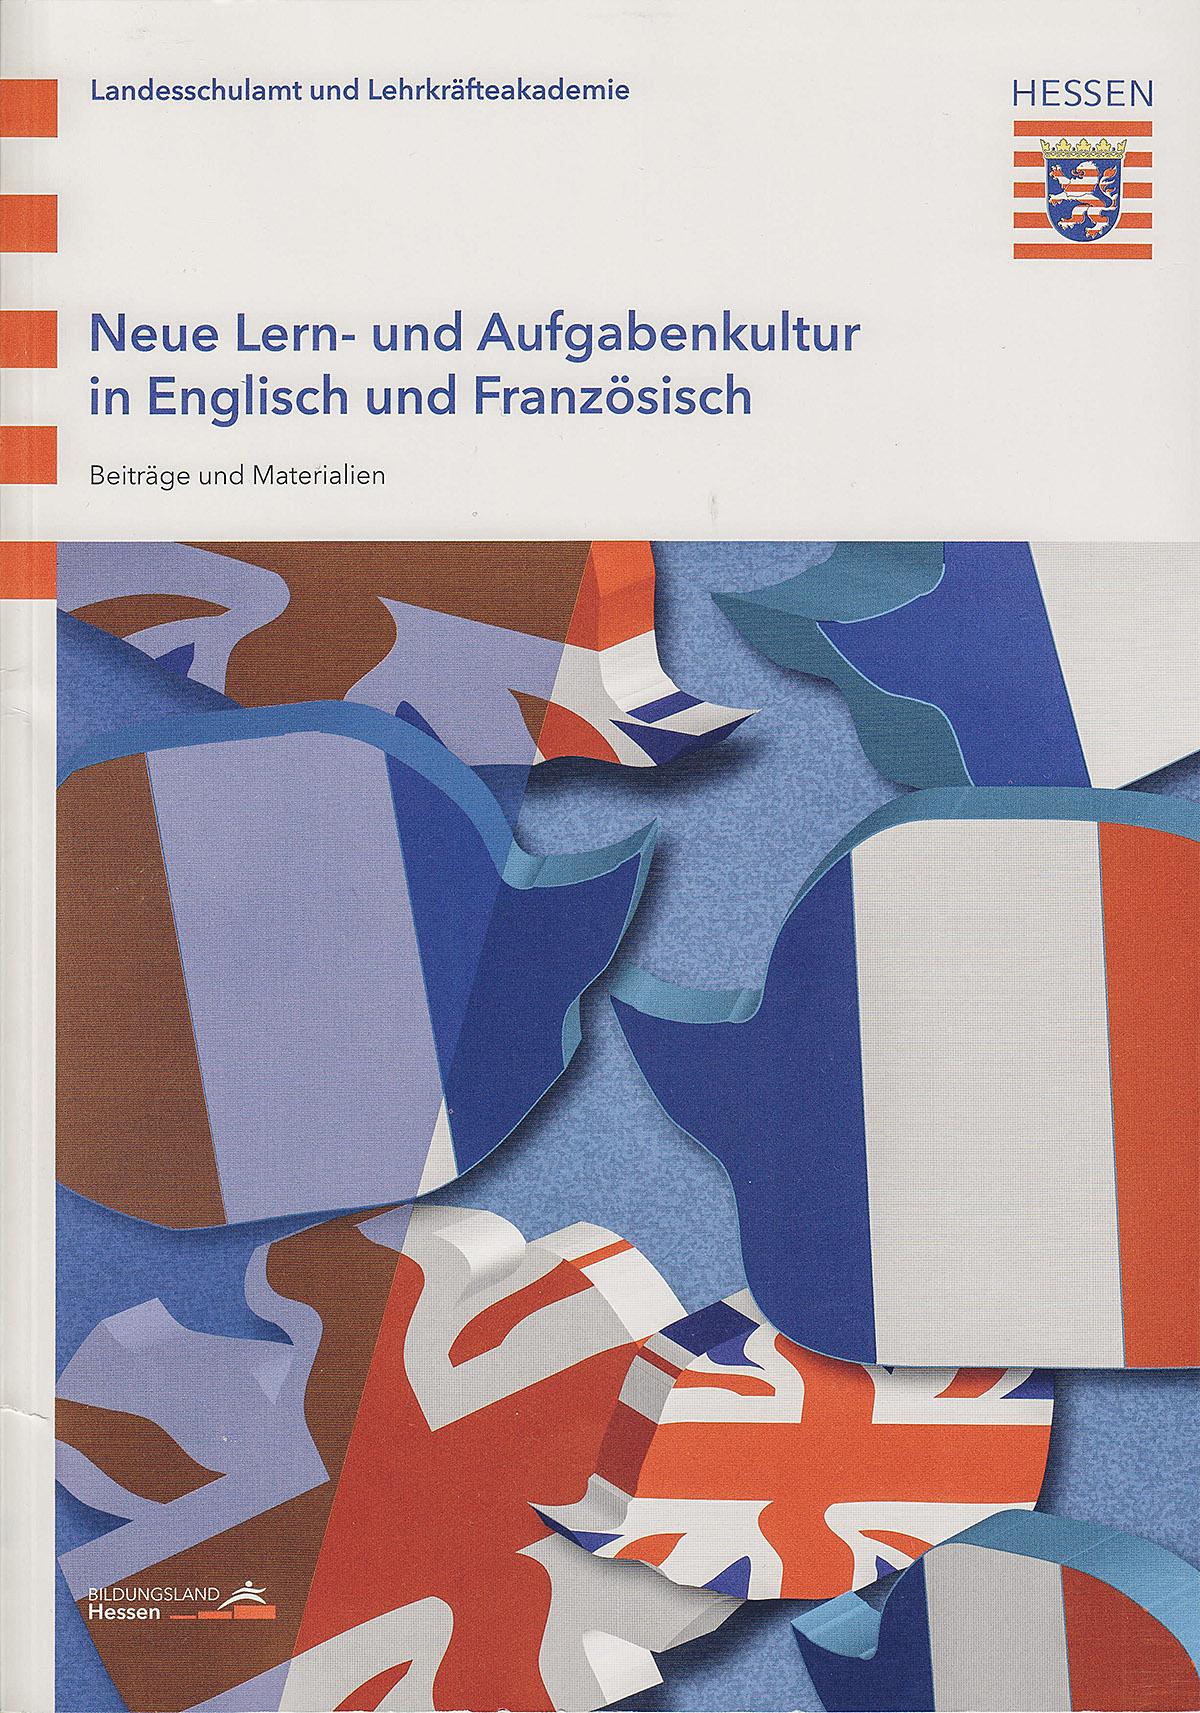 Neue Lern- und Aufgabenkultur in Englisch und Franzoesisch